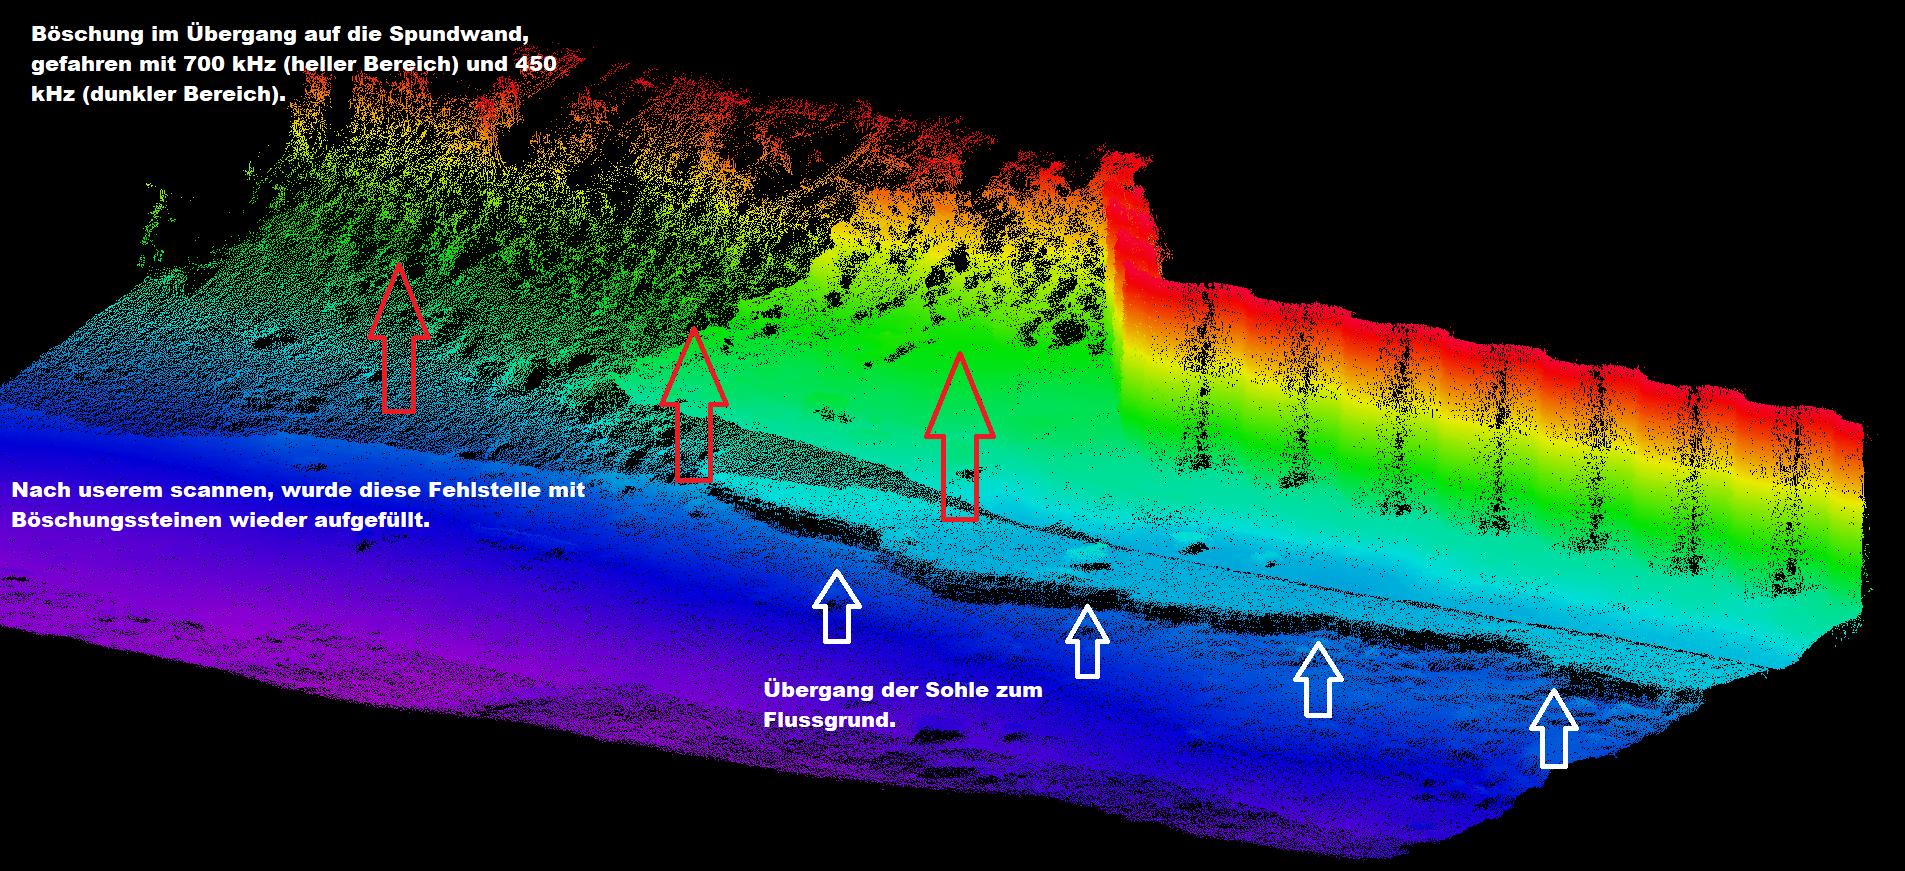 Scan eines Überganges von einer Spundwand zur Böschung. Aufgrund der starken Strömung und schlechter Sicht im Hochwasser kann hier nur schlecht mit Tauchern untersucht werden. Da wir die Aufnahmen am Computer auch in 3 D drehen können, ist ein genaues Aufmaß und Berechnung der fehlenden Steine möglich